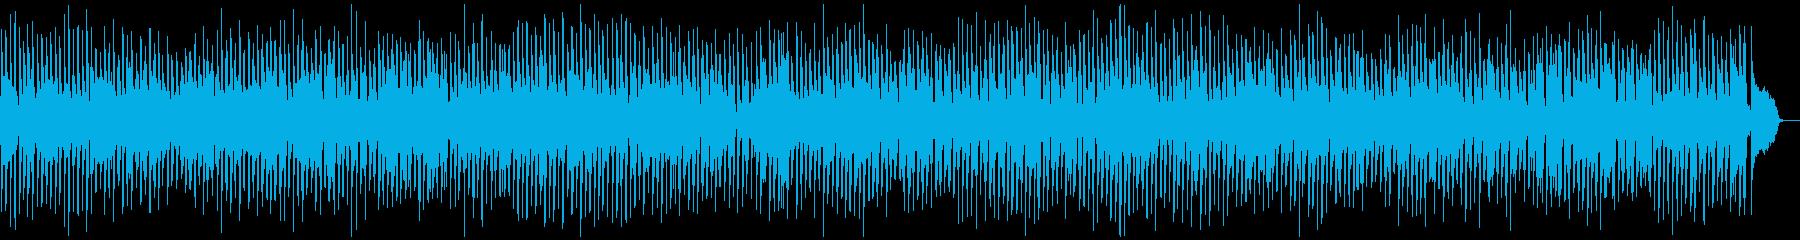 ビッグバンド風ジャズBGMの再生済みの波形